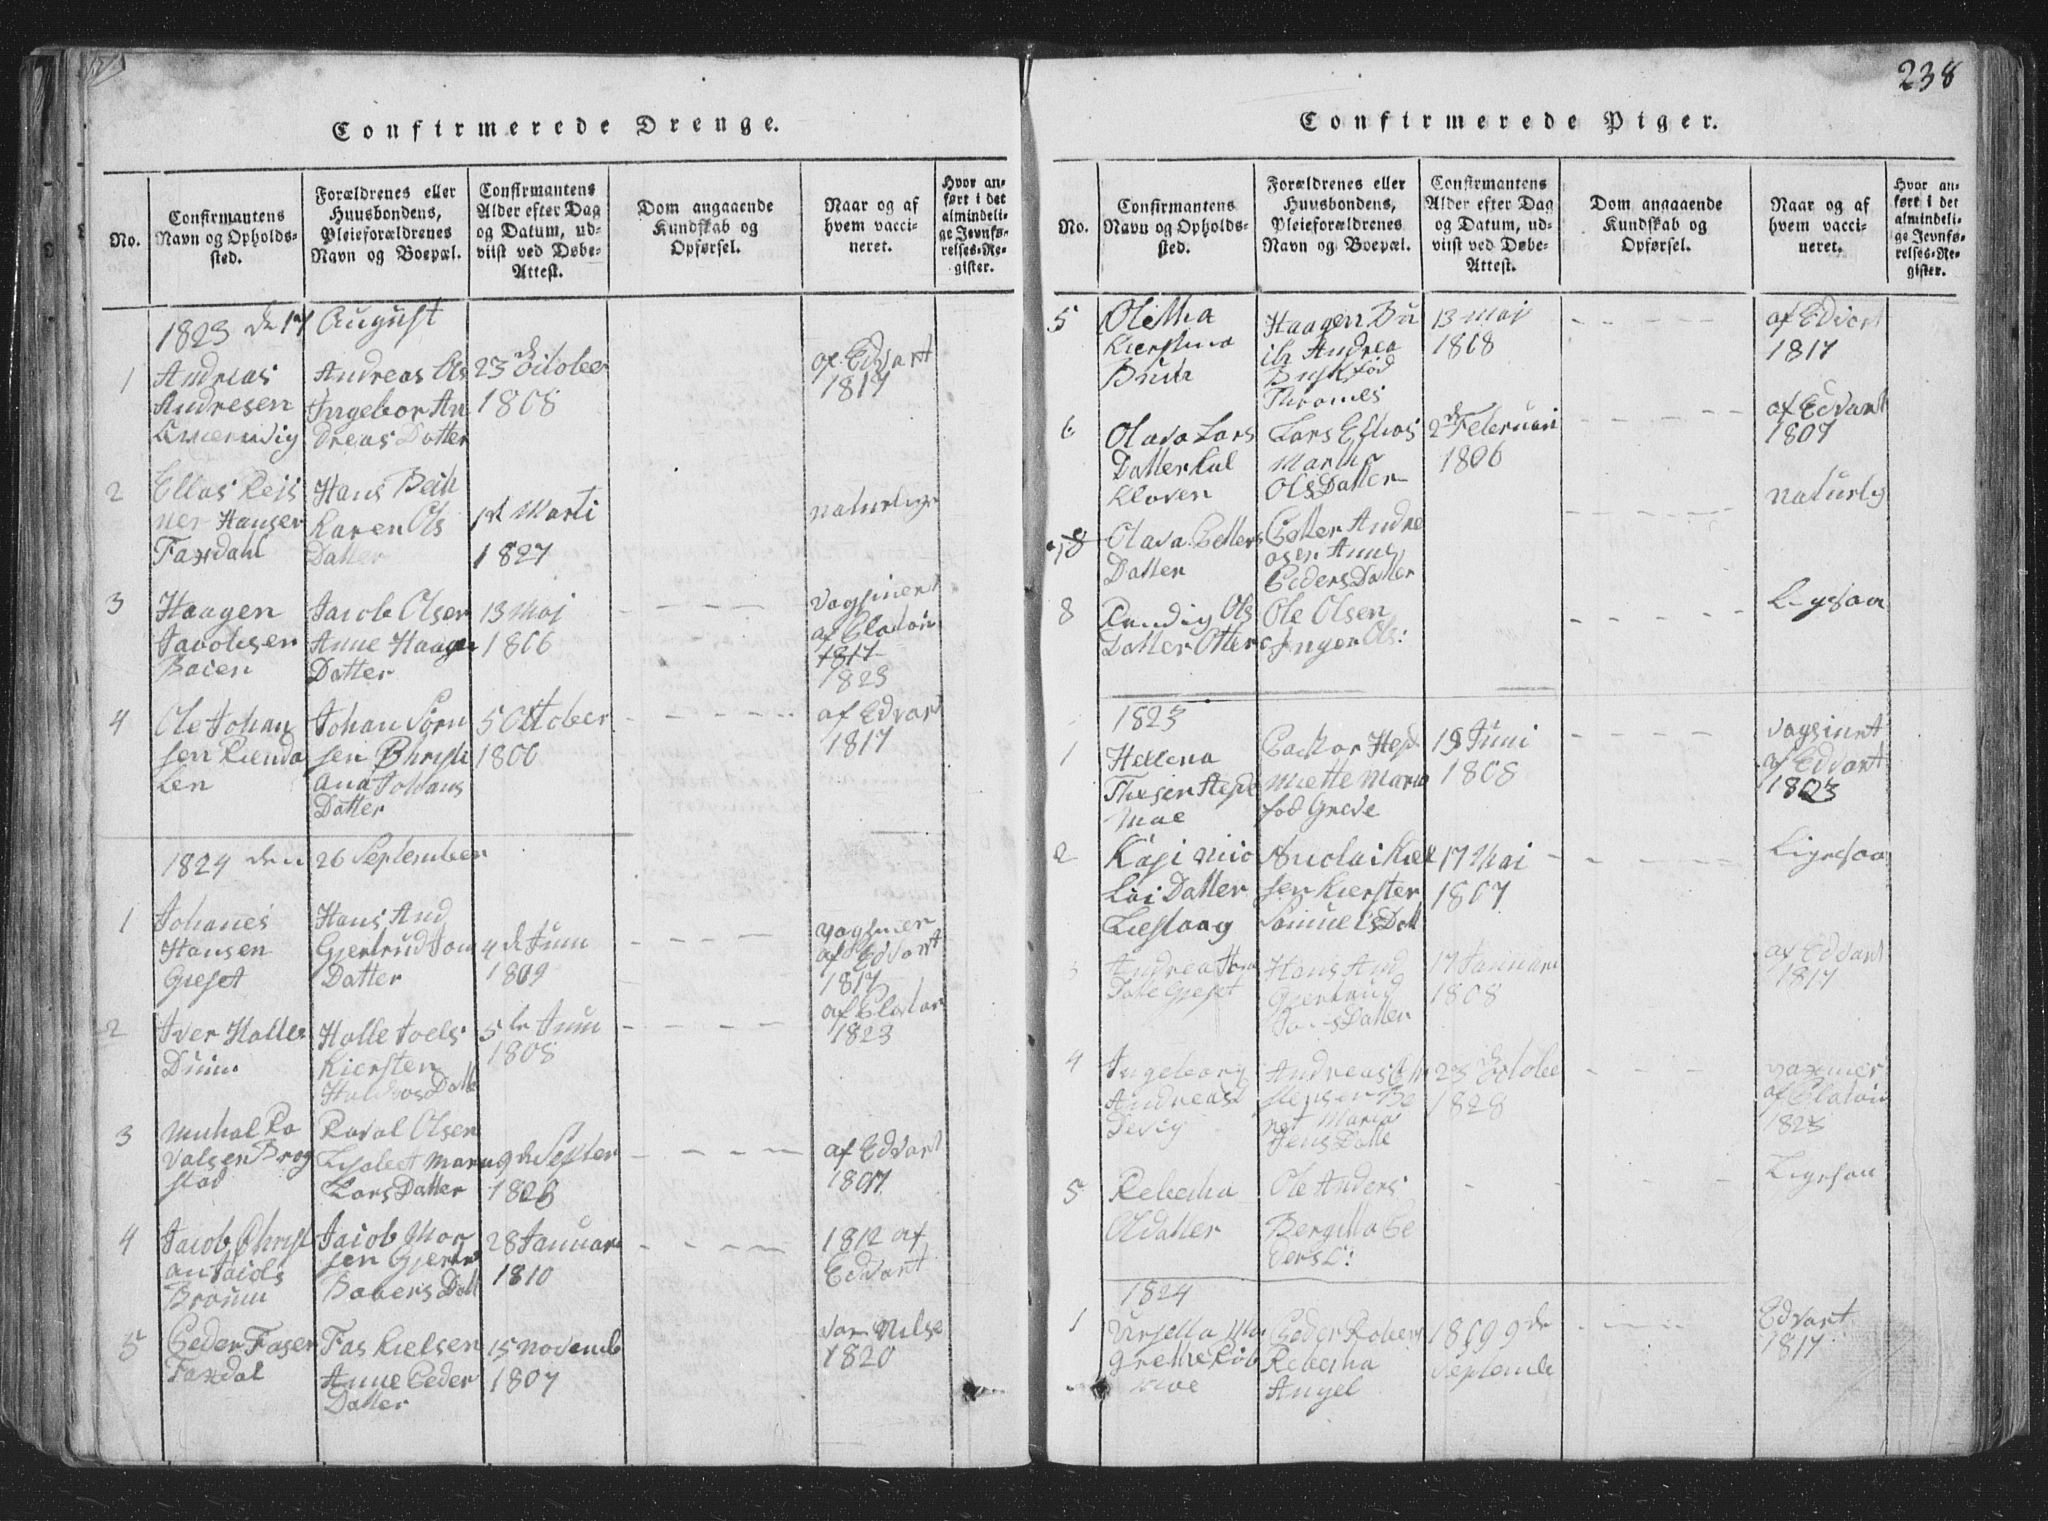 SAT, Ministerialprotokoller, klokkerbøker og fødselsregistre - Nord-Trøndelag, 773/L0613: Ministerialbok nr. 773A04, 1815-1845, s. 238